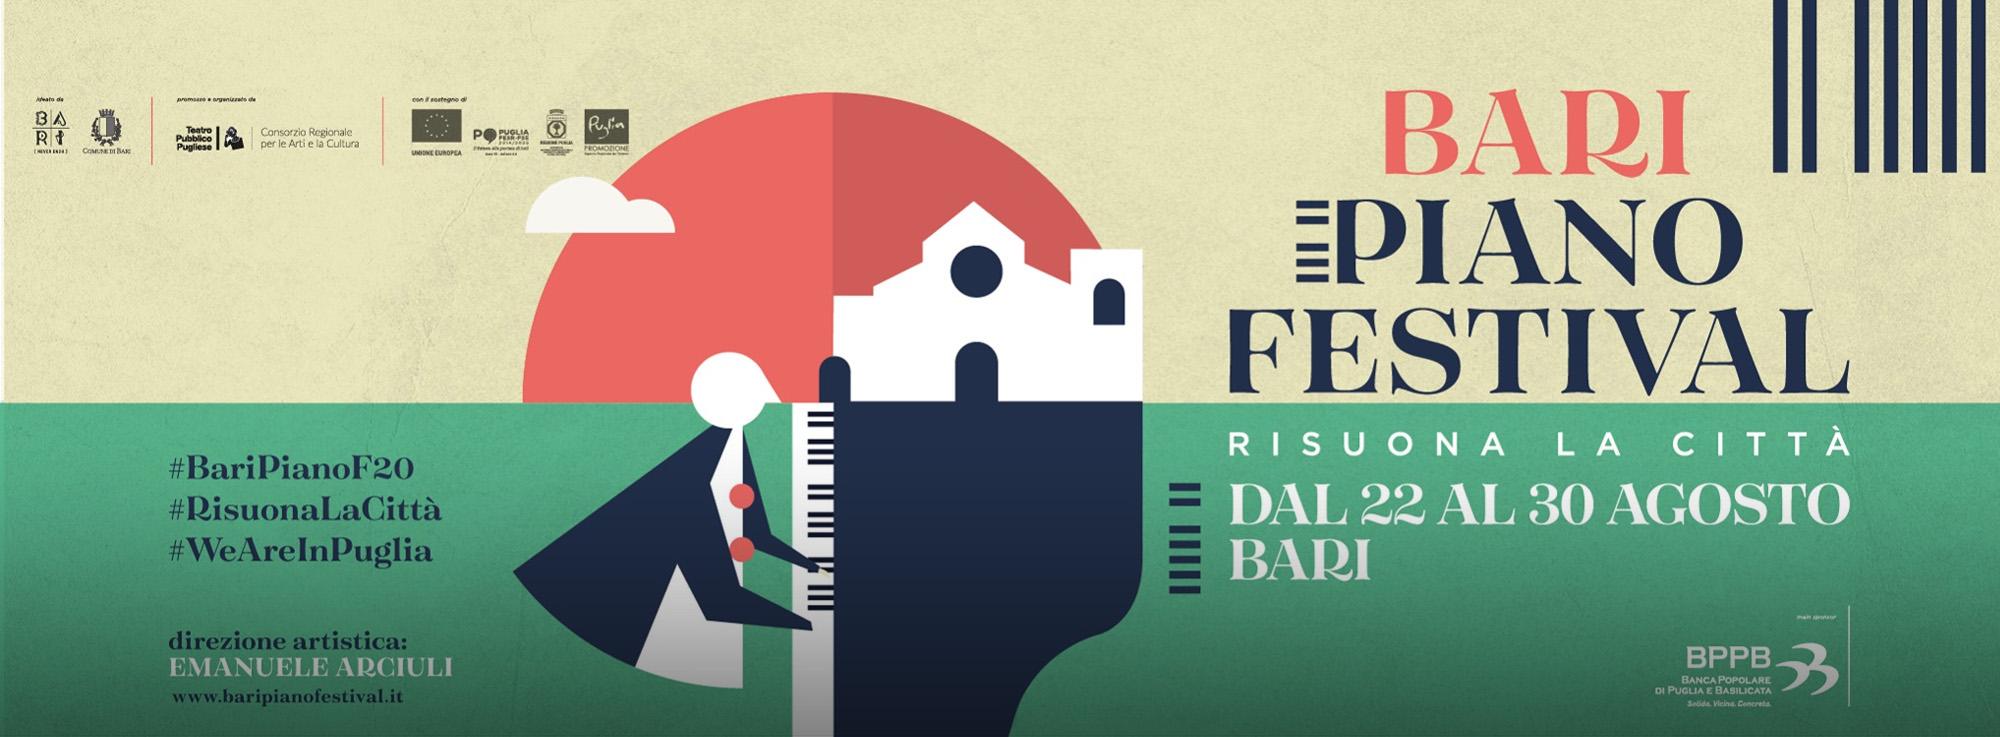 Bari: Bari Piano Festival